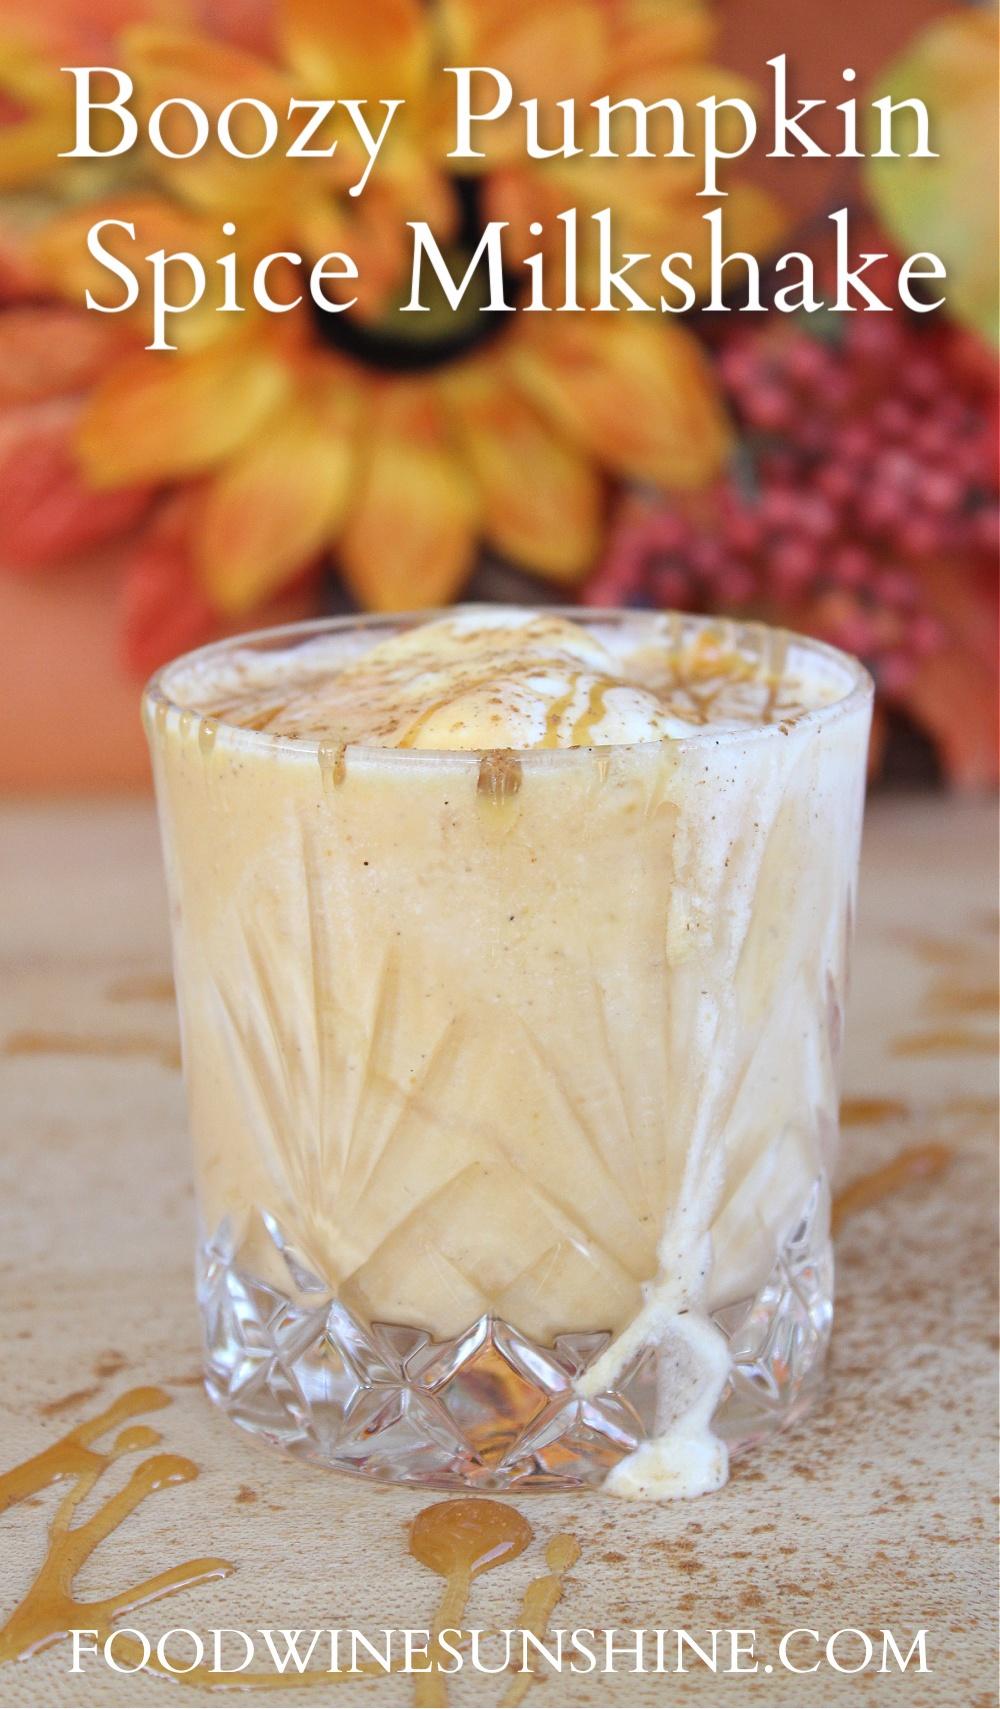 Best Boozy Pumpkin Spice Milkshake